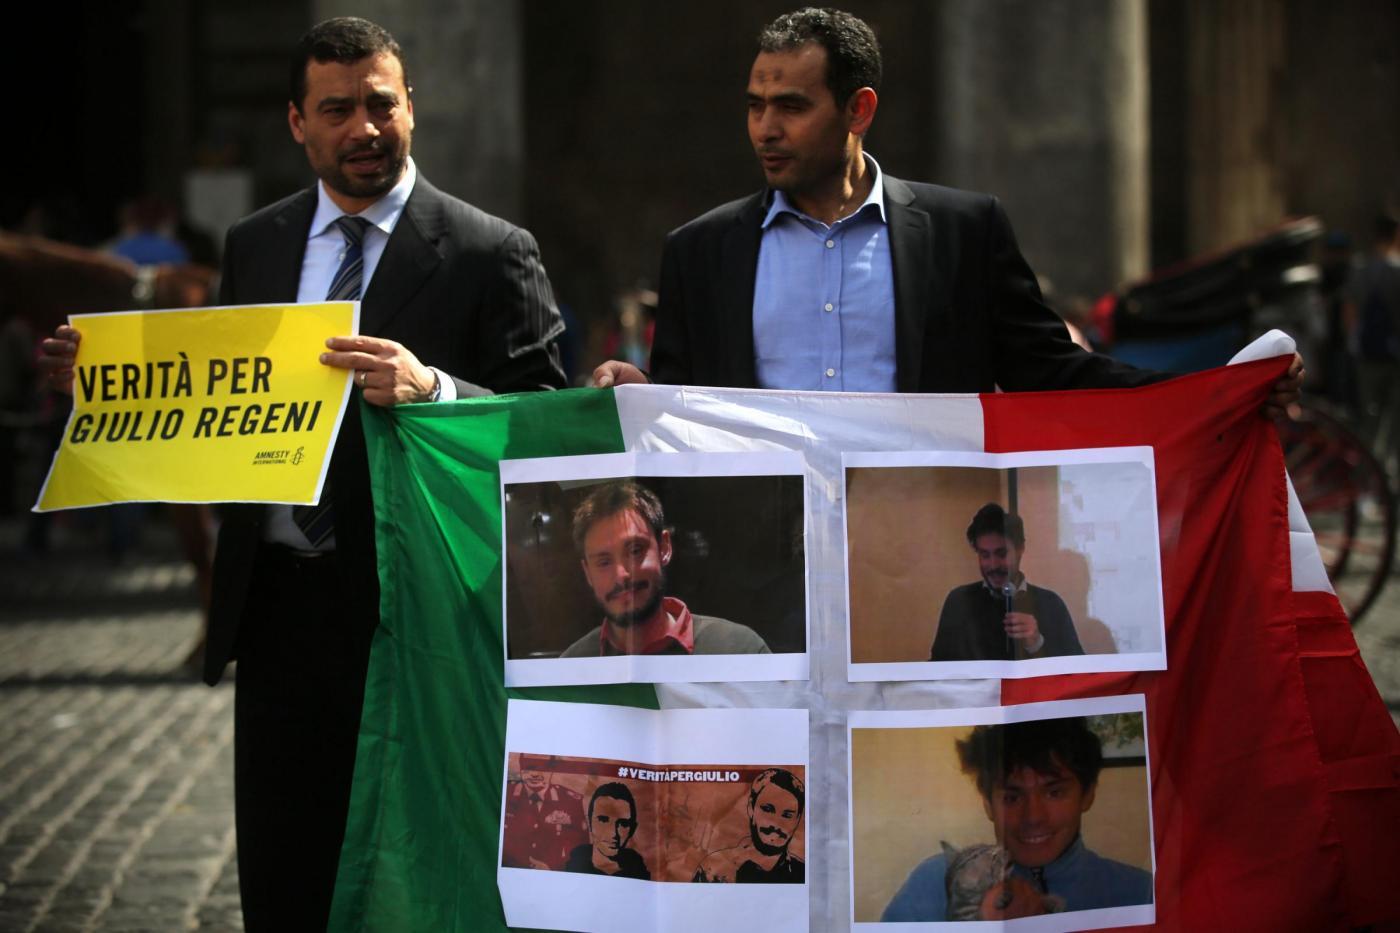 Caso Regeni, Amnesty: 'Torturato come gli attivisti morti nelle mani dello Stato'